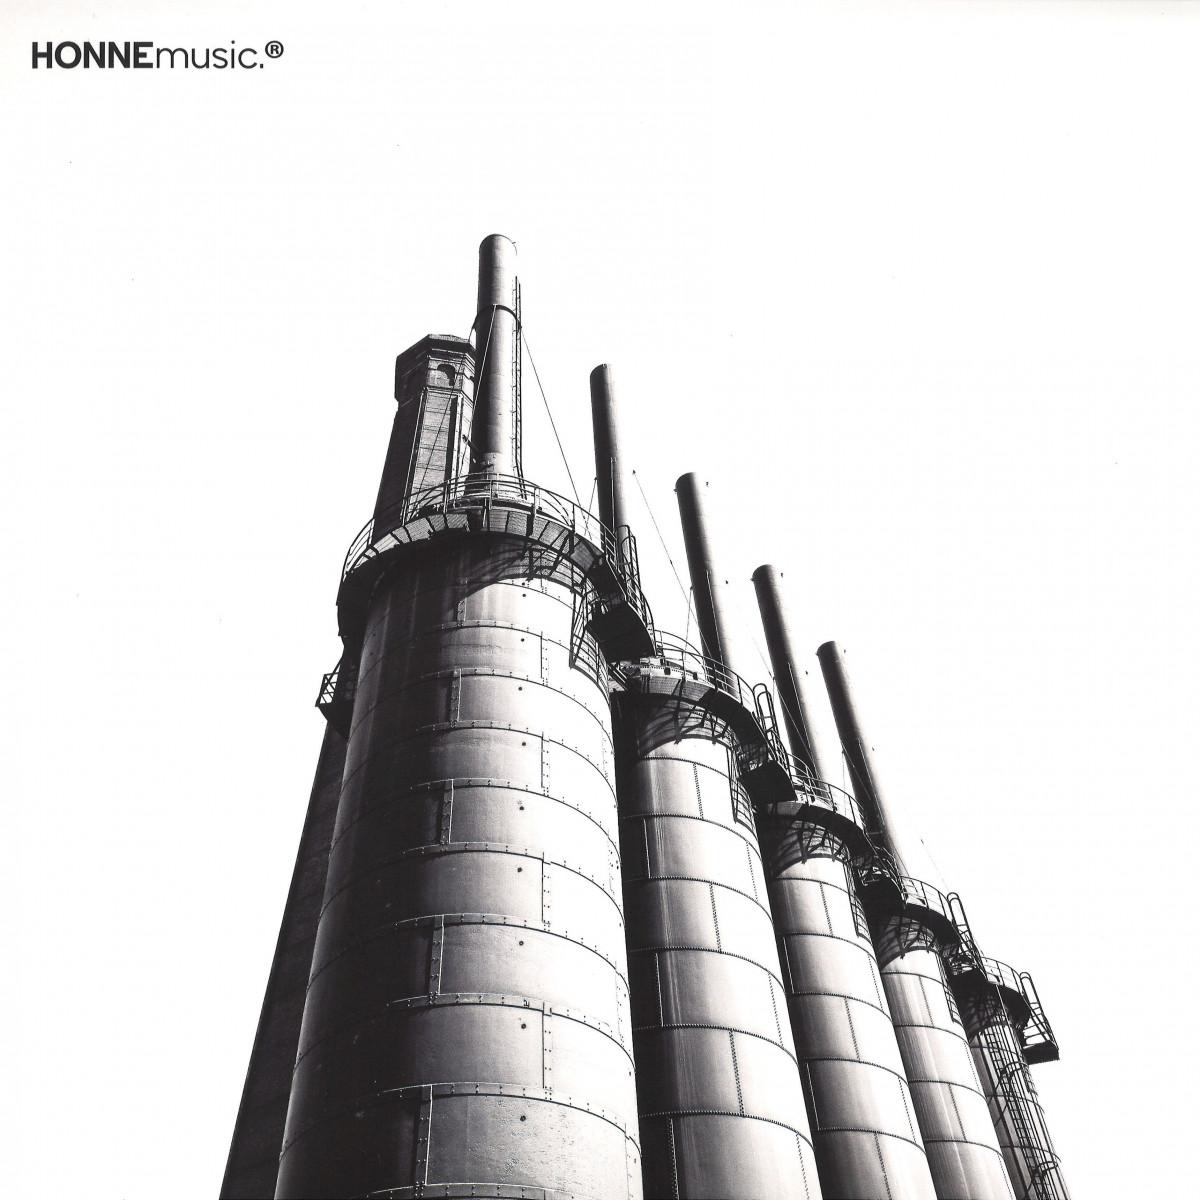 VA - Steve O Sullivan, RQZ, Dot, Louiv - HMV04 - Honne Music